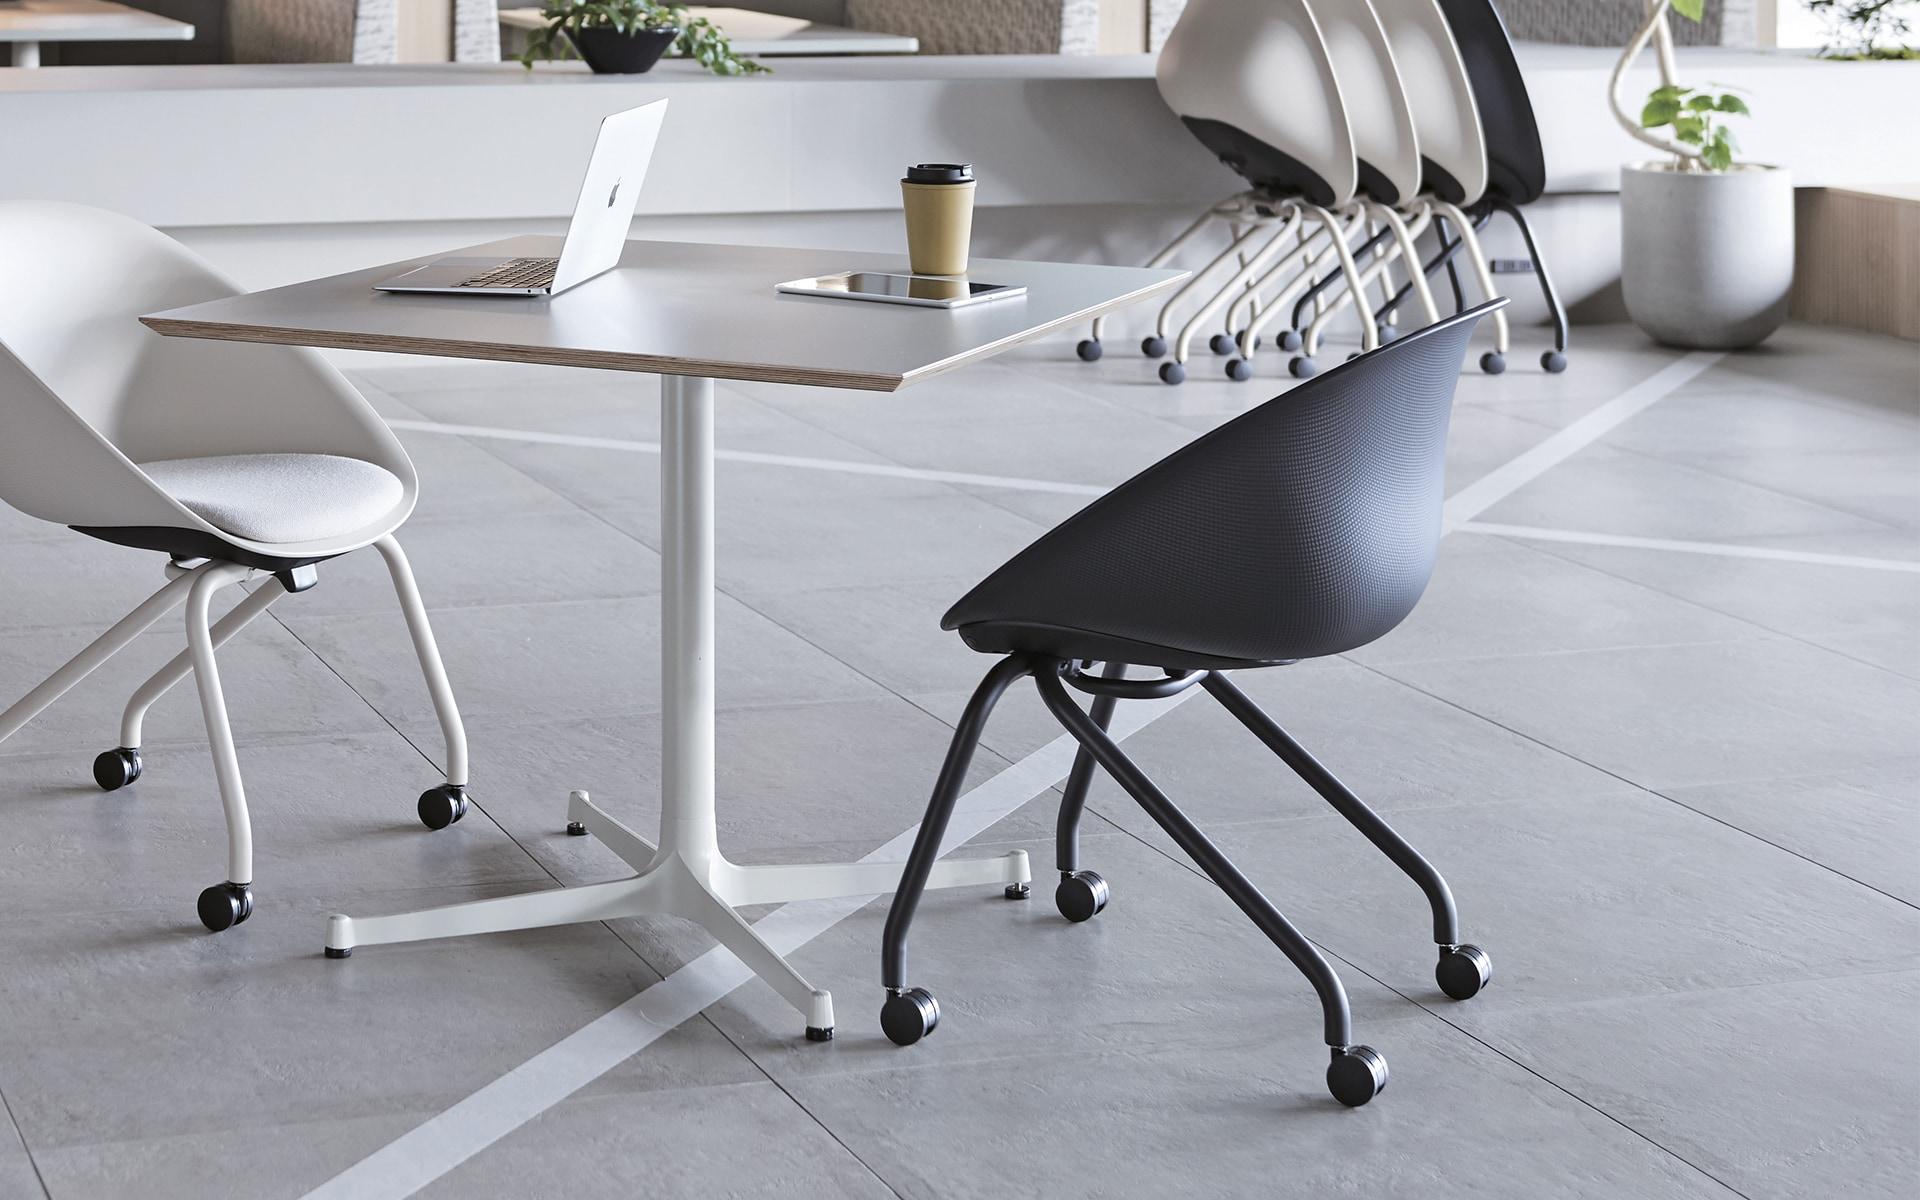 Mehrere ITOKI Wan Schalenstühle von ITO Design in schwarz und weiss in modernem Co-Working Space